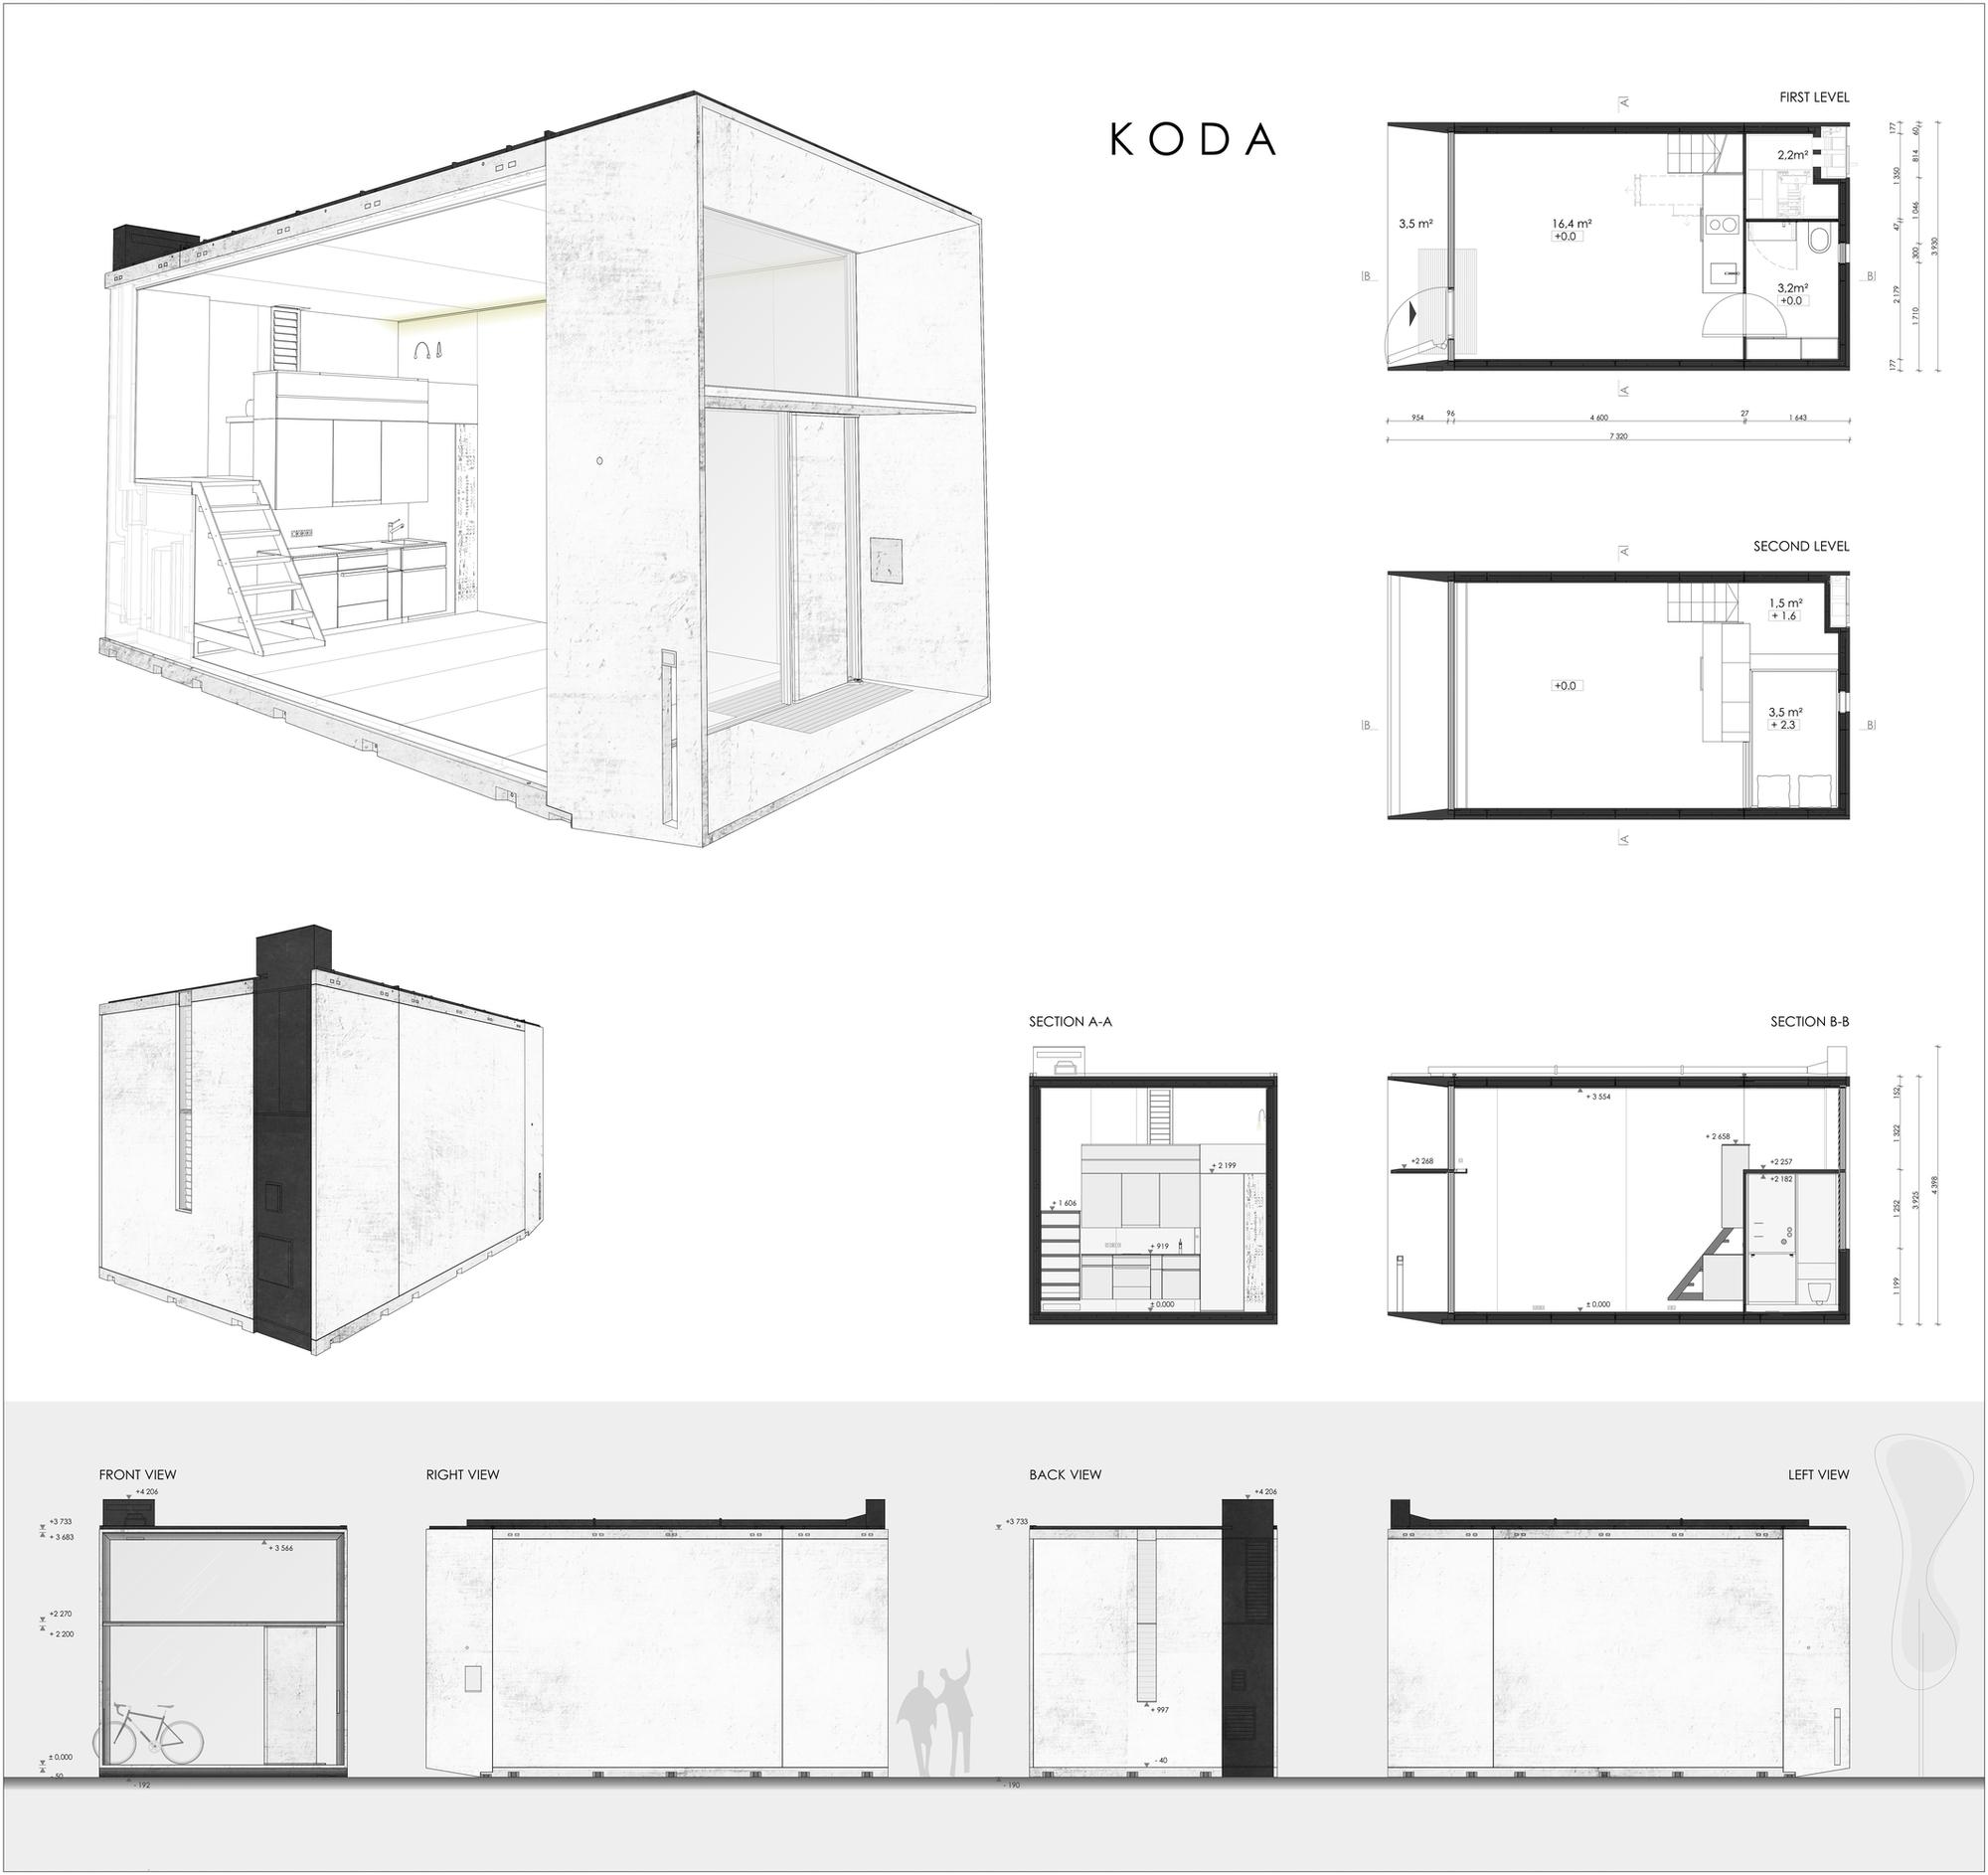 Gallery of koda kodasema 15 for Kodasema maison